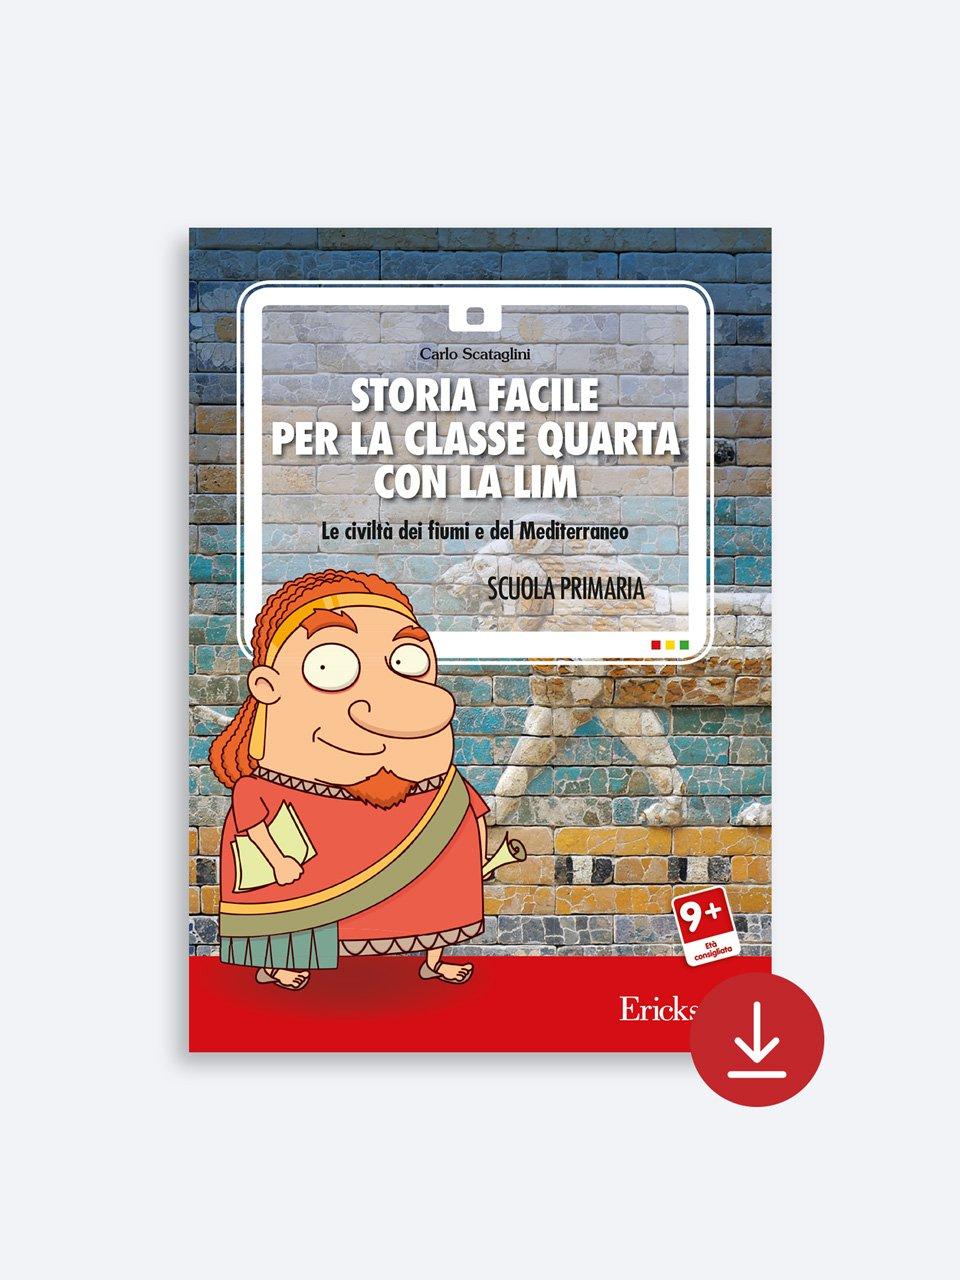 Storia facile per la classe quarta - Storia facile per la classe quinta - Libri - App e software - Erickson 3